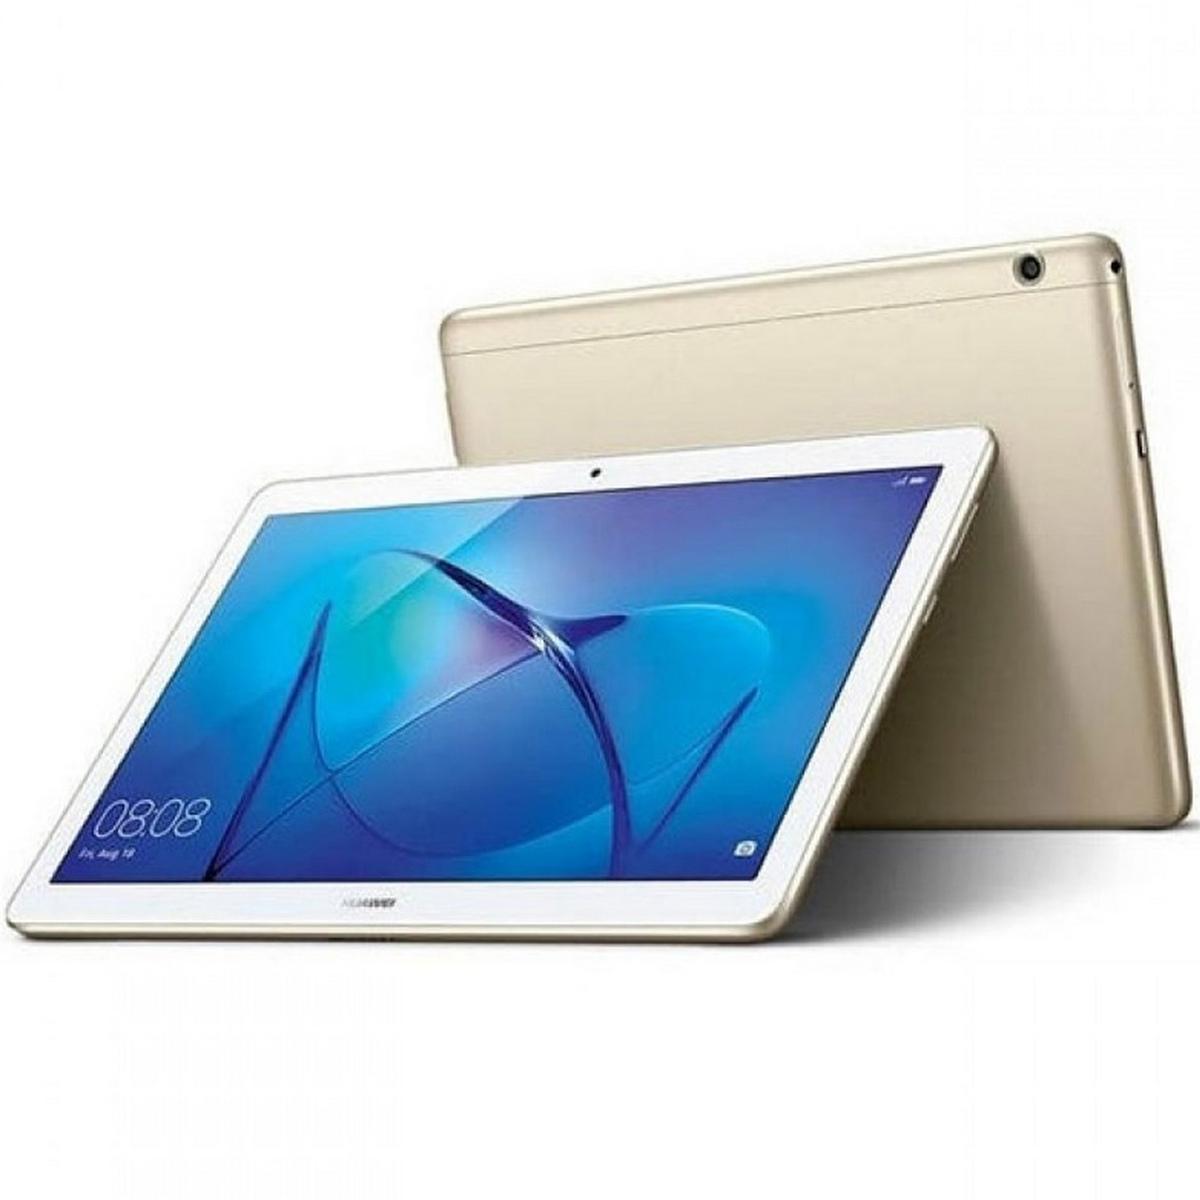 Buy Huawei MediaPad T3-10 10inch 16GB 4G Gold - TV FESTIVAL